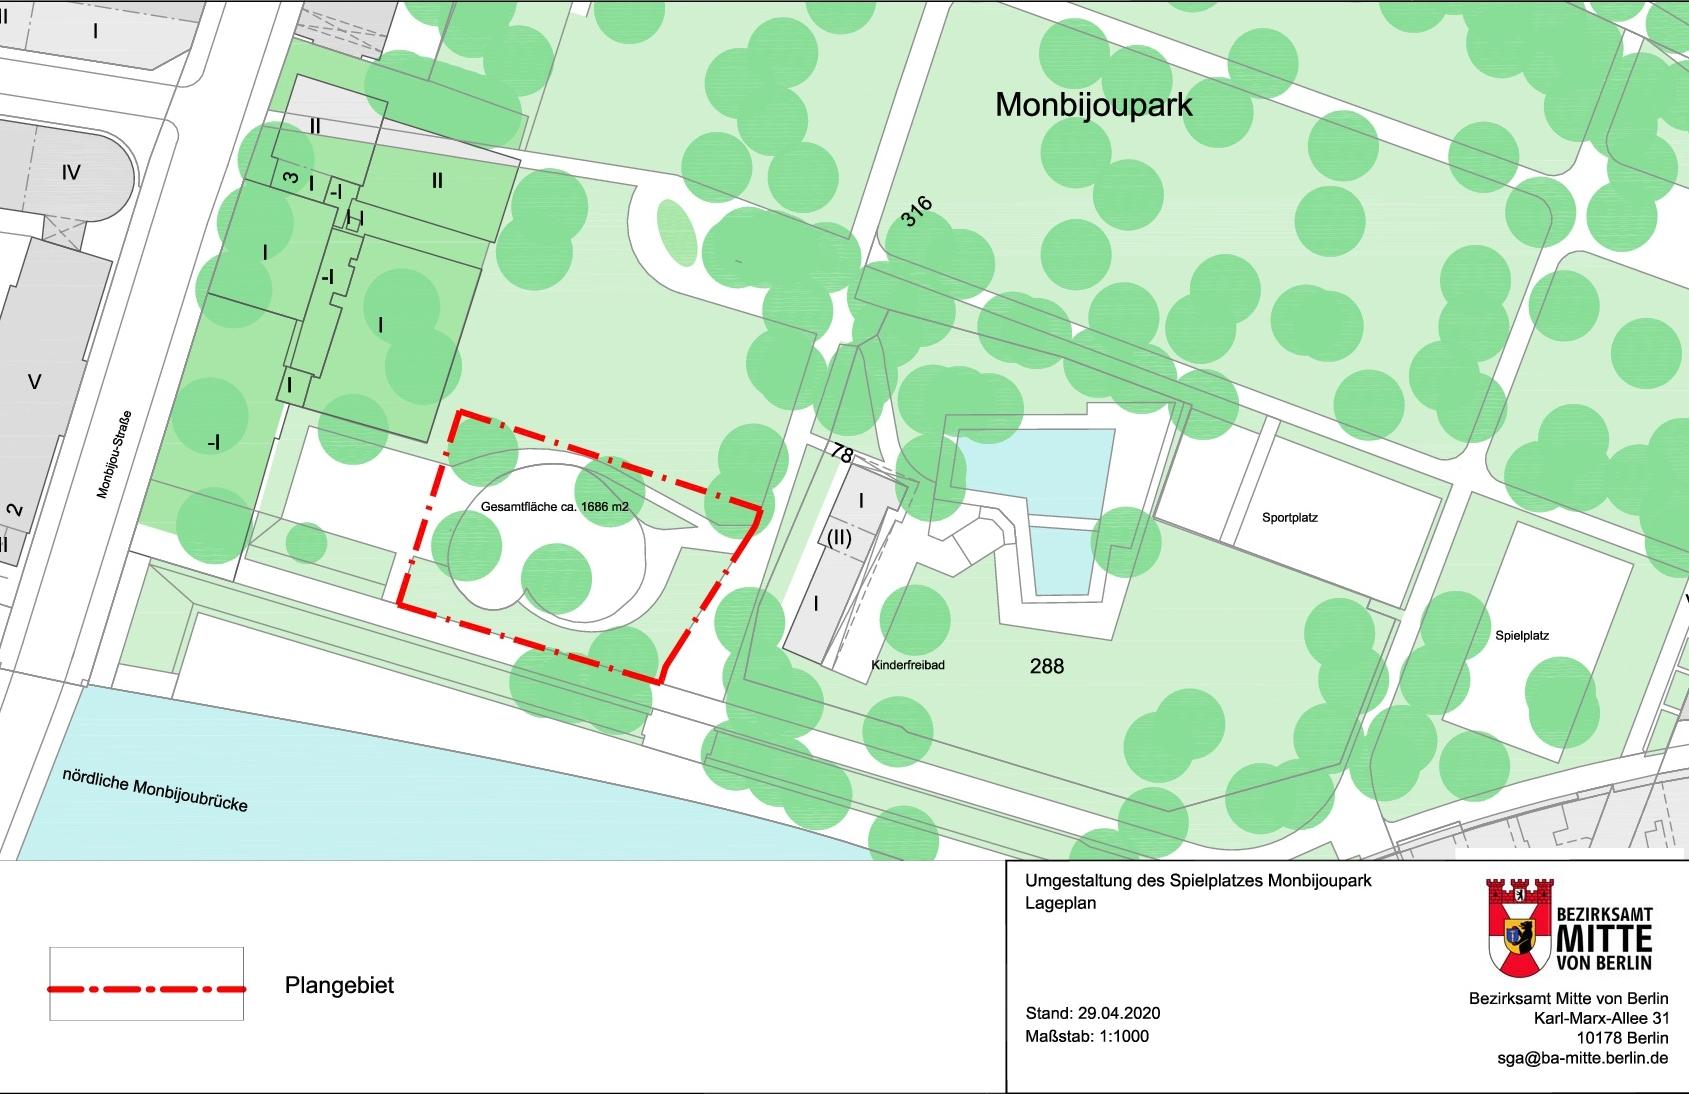 Der Lageplan des Monbijou-Parks